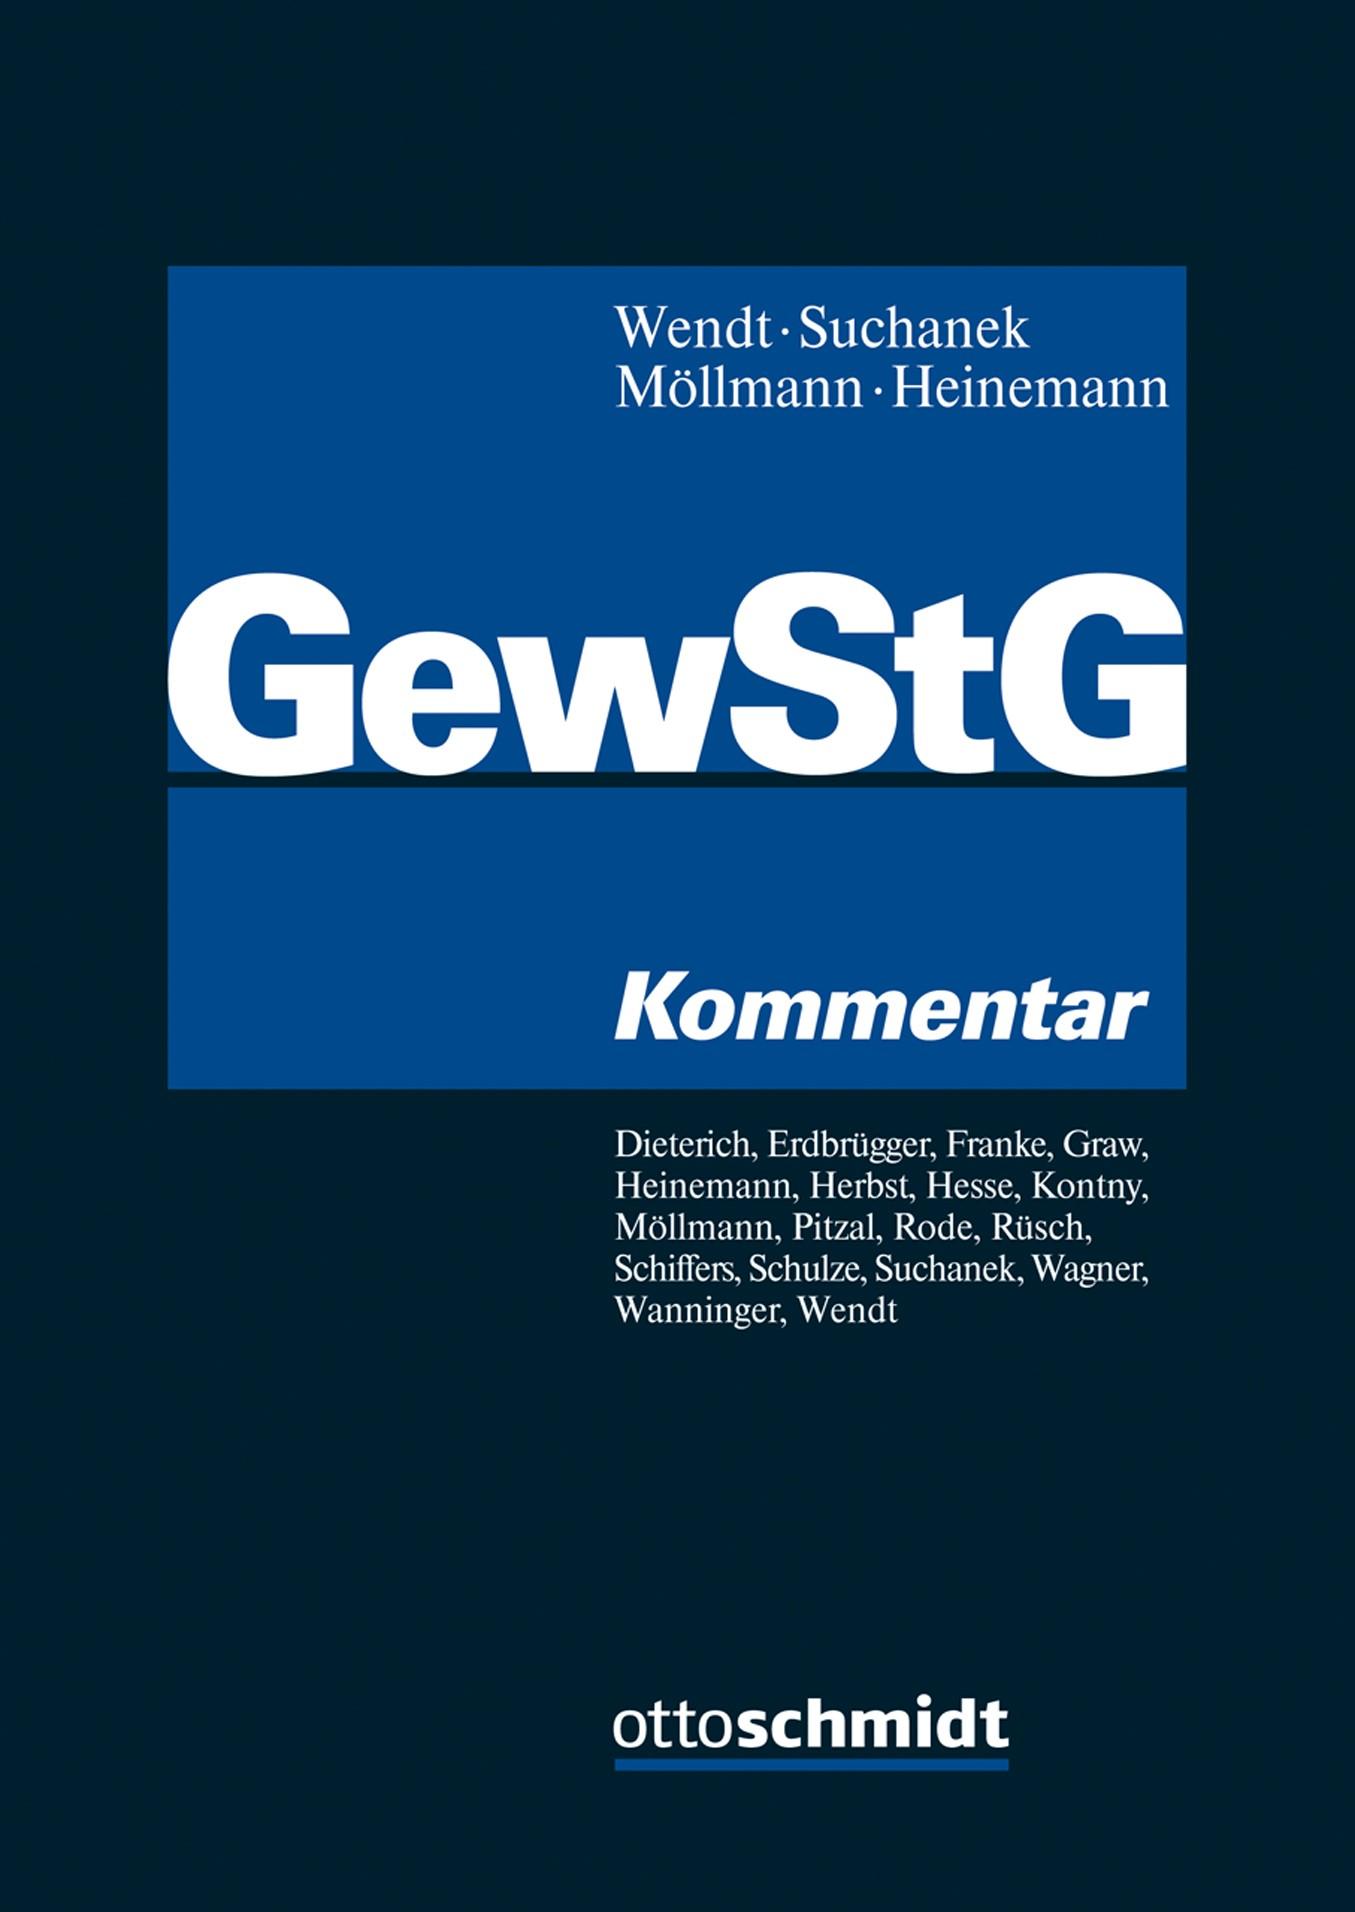 Gewerbesteuergesetz - GewStG | Wendt / Suchanek / Möllmann / Heinemann (Hrsg.), 2018 | Buch (Cover)